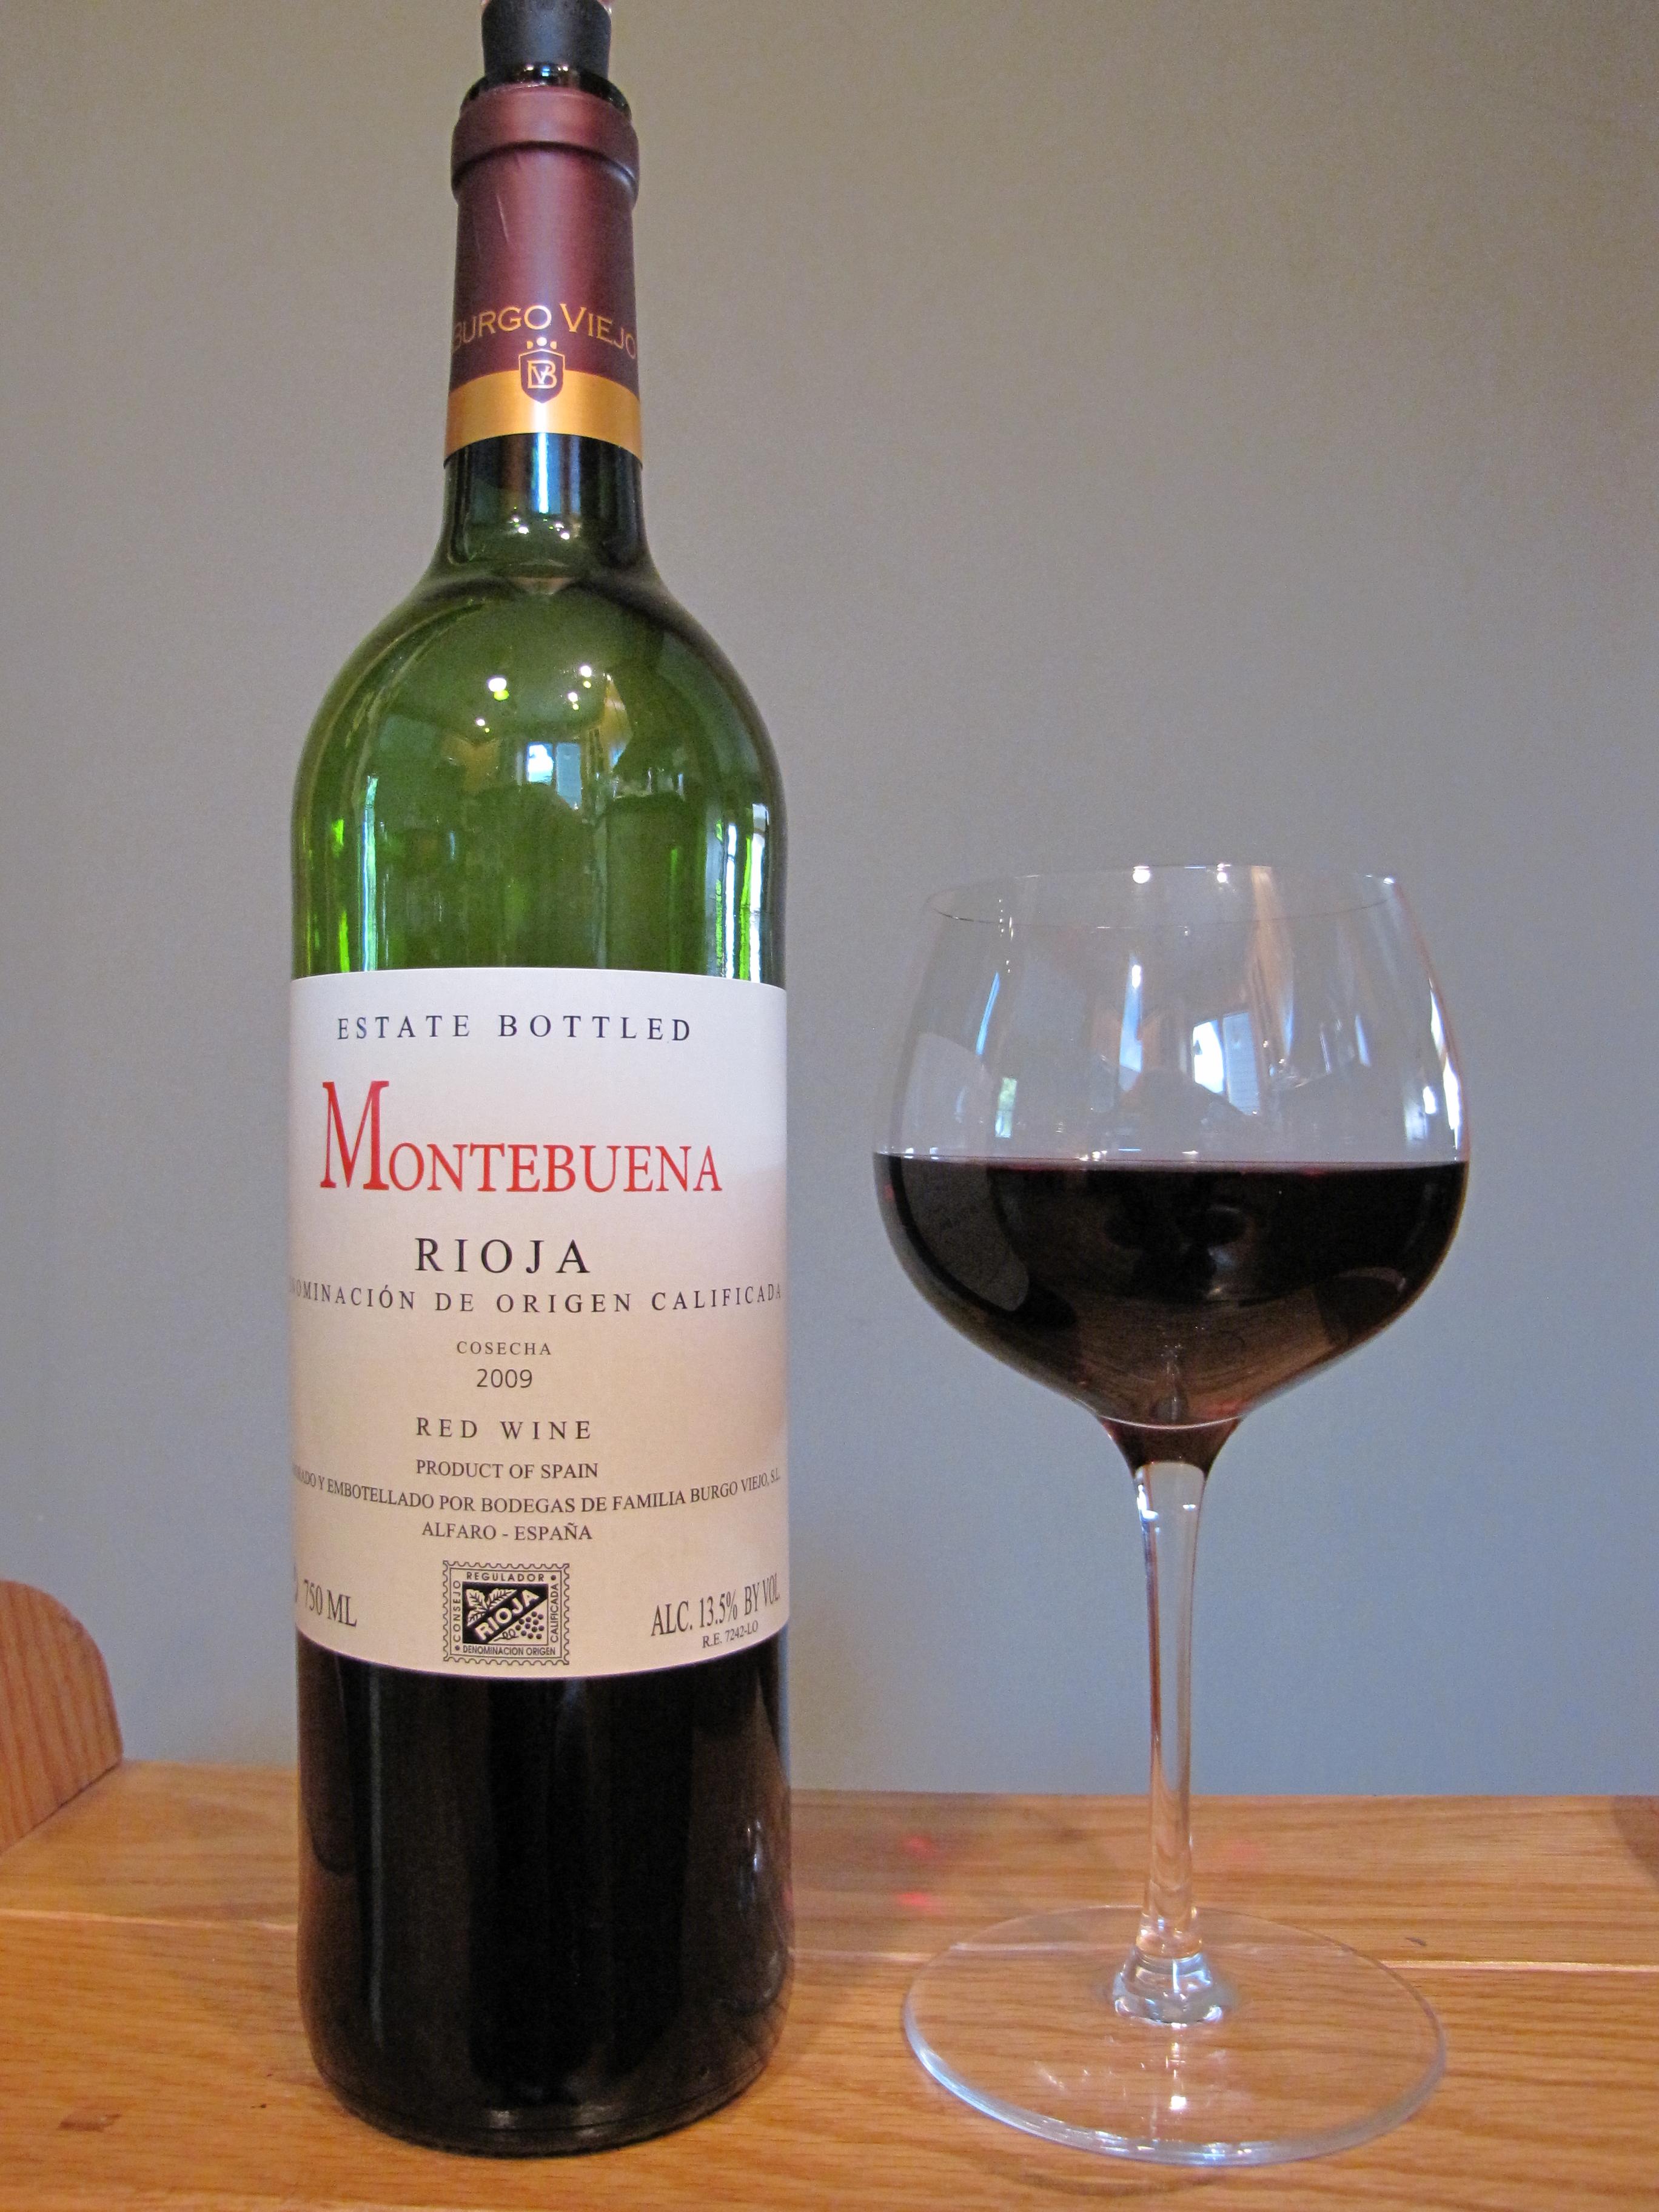 Montebuena Rioja (2009)